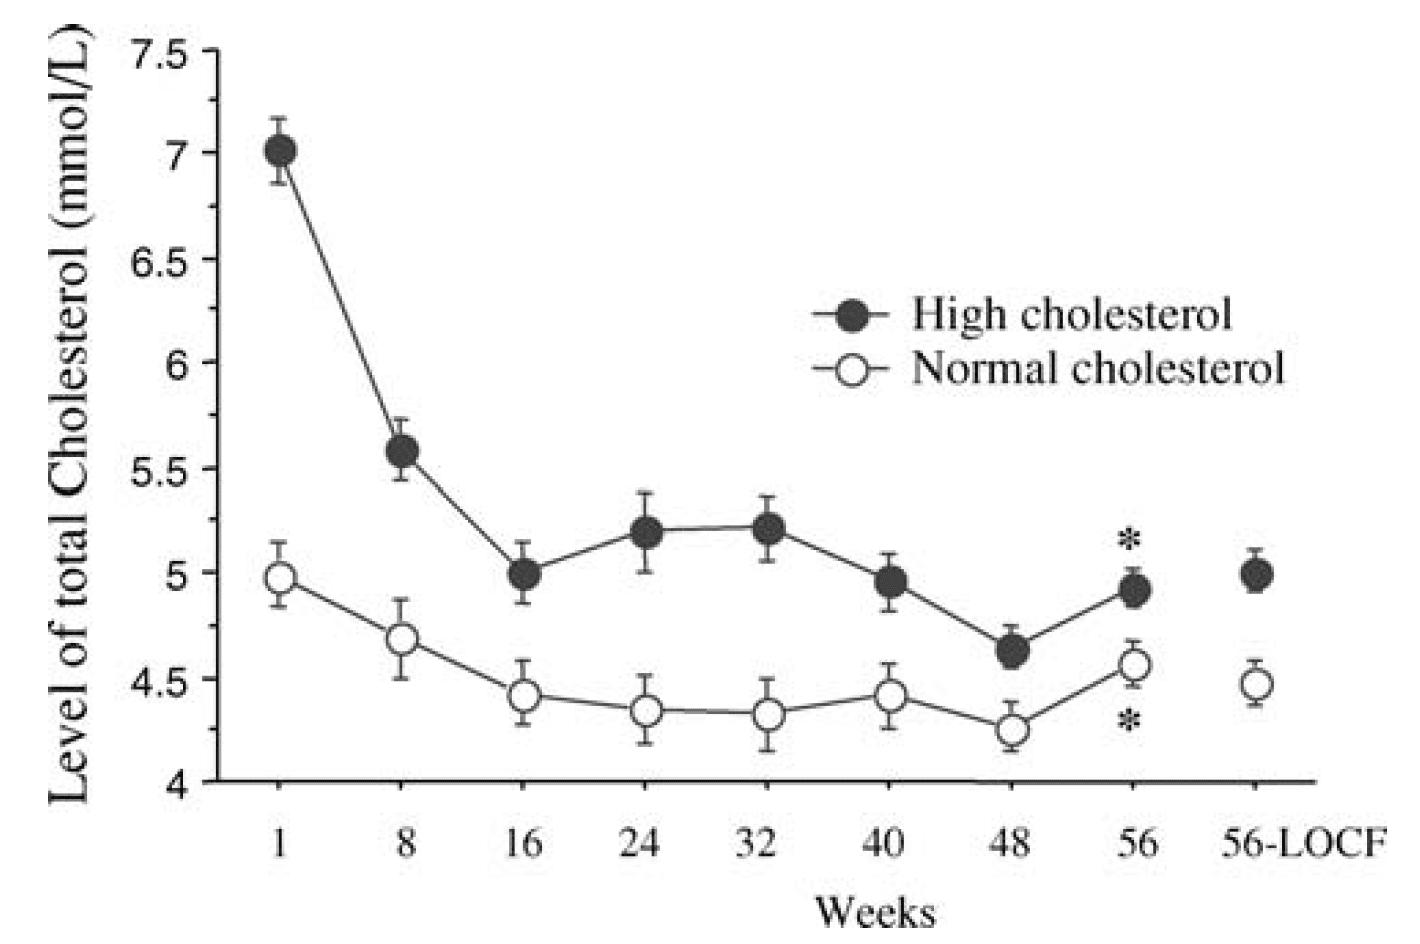 Här ser vi hur blodfetterna sjunker i båda grupperna som äter LCHF. Den gruppen som hade höga blodfetter från början gjorde också den största förbättringen i kolesterolnivån. Dessa deltagare har alltså ätit strikt LCHF (ketogen kost).